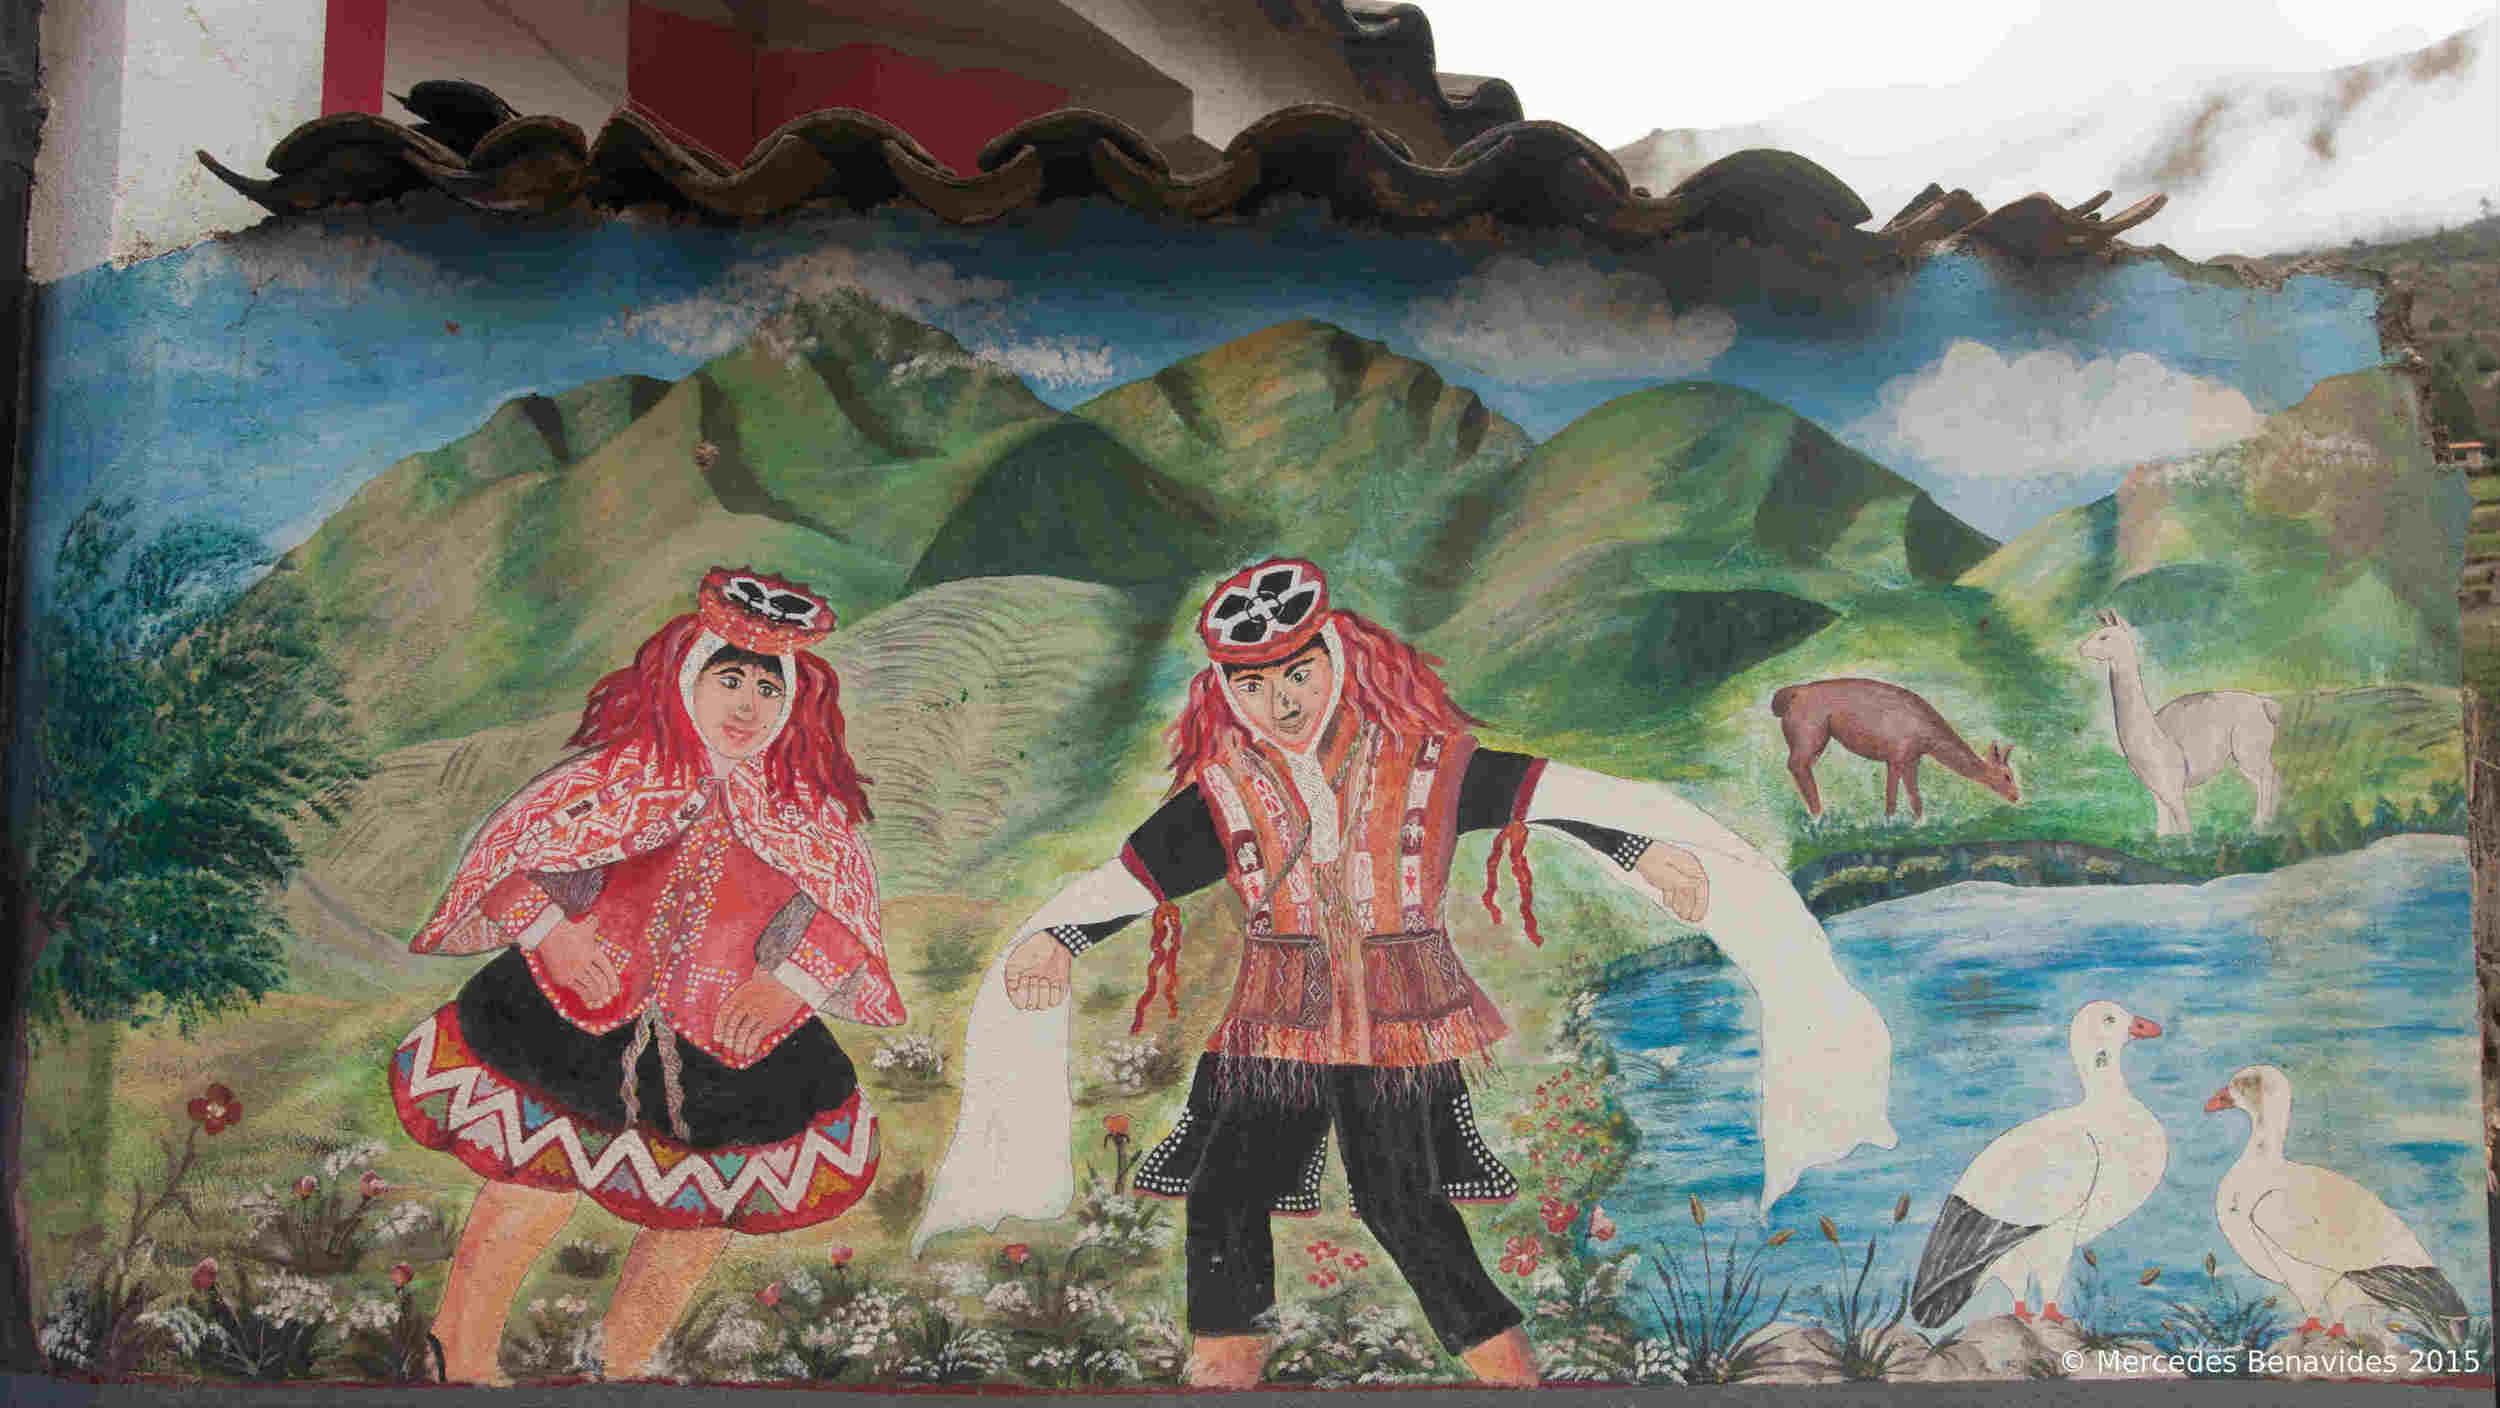 Representación de la danza de la Wallata en mural, escuela primaria de Willoc, Valle de Patacancha, Cusco.  Representation of the Wallata dance on a mural, at the entrance of the primary school in Willoc, Valle of Patacancha, Cusco.